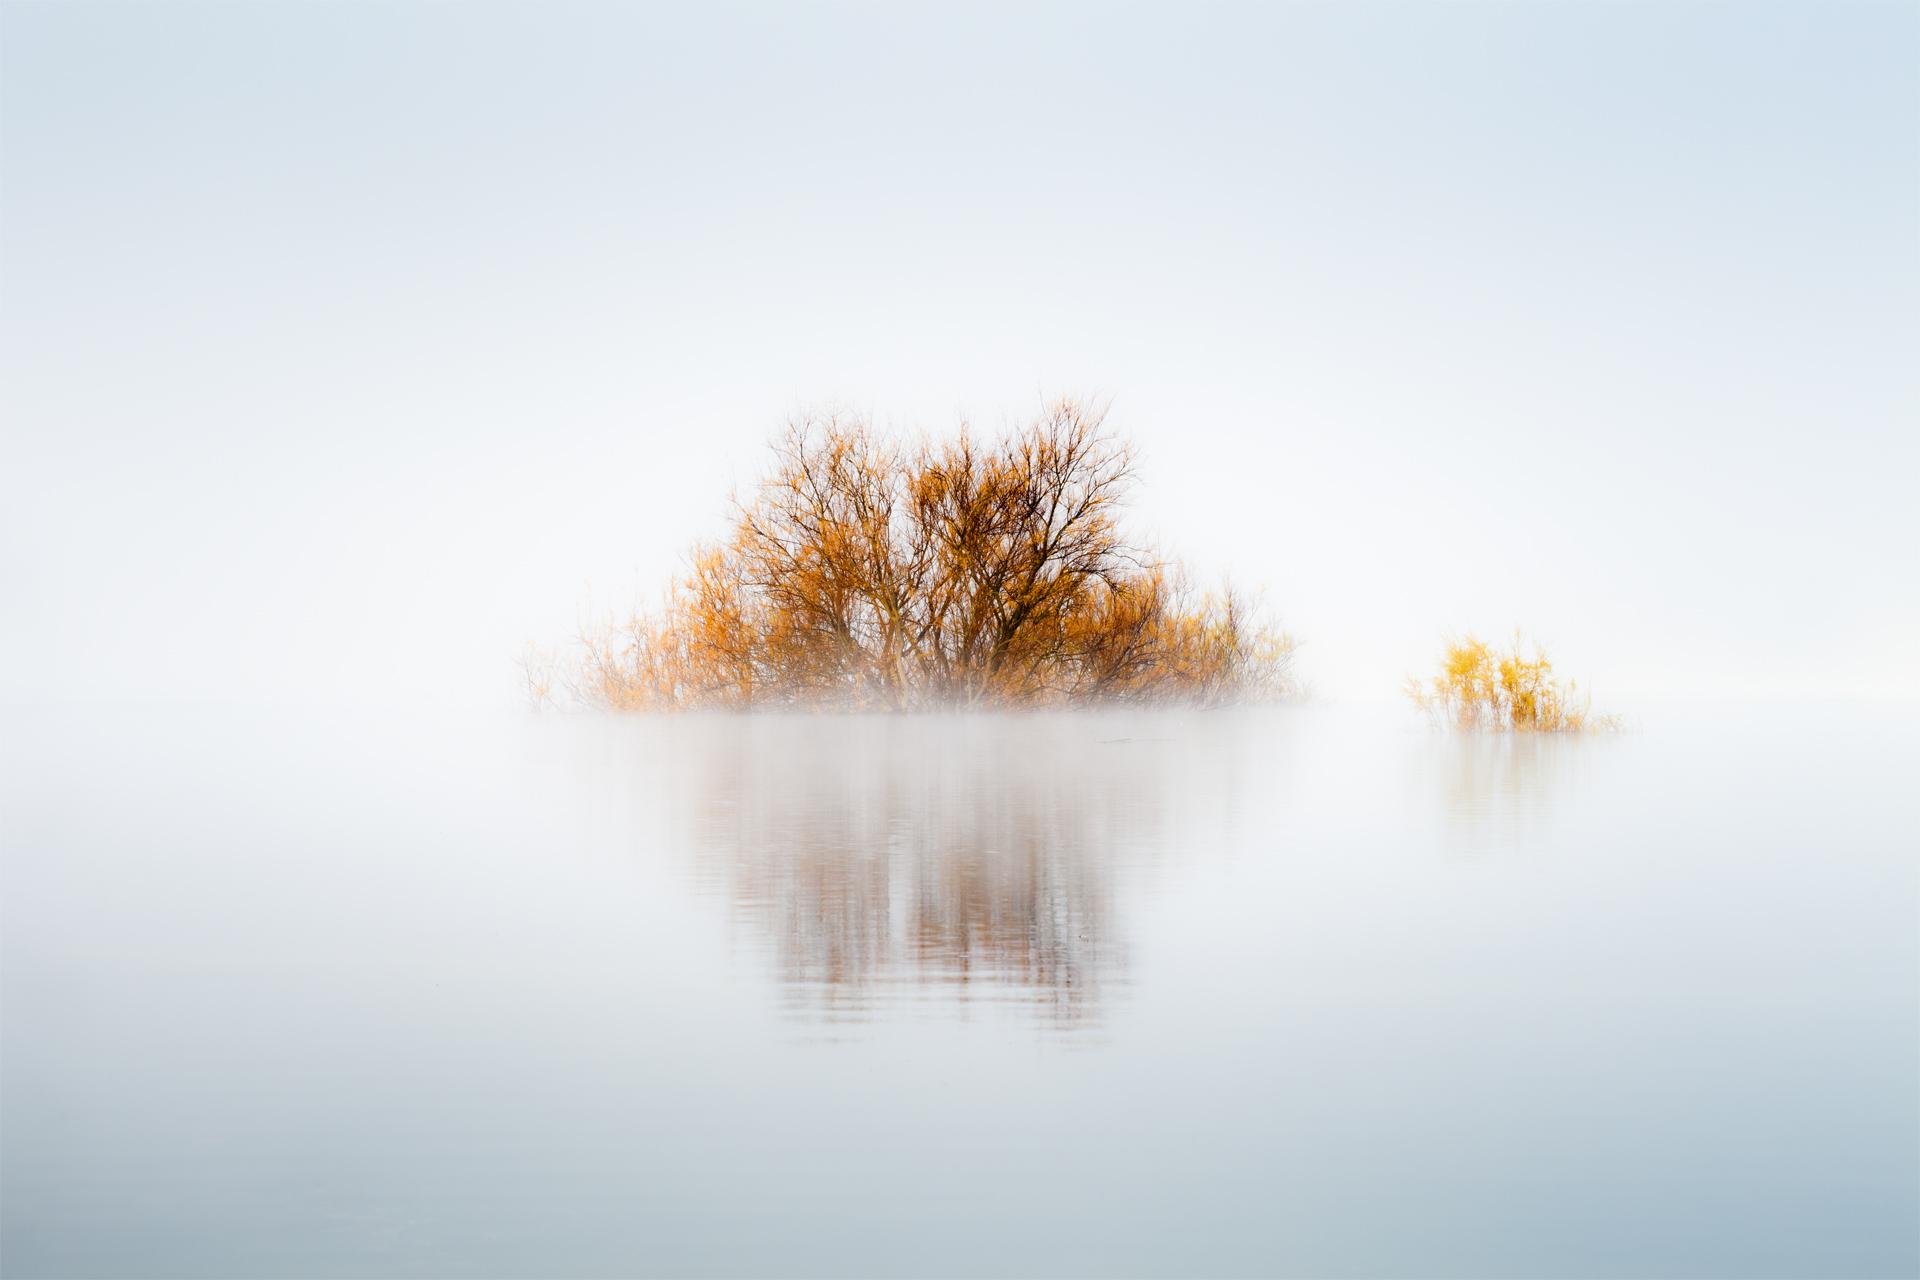 The Swamp Star - David Frutos Egea - David Frutos Egea - Portfolio Natural